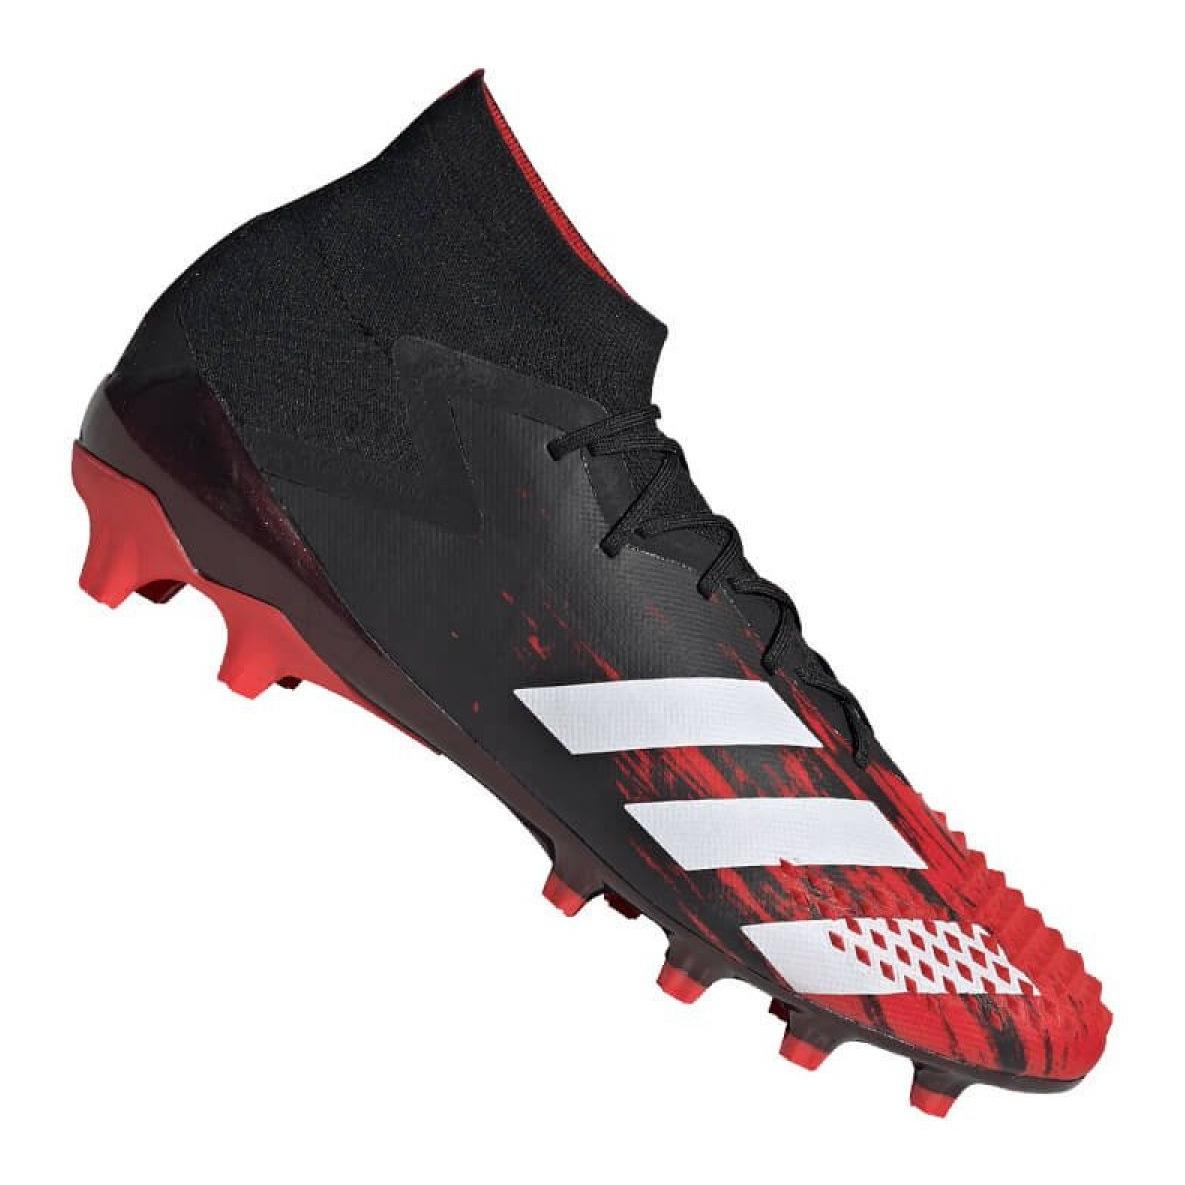 försäljning Storbritannien mest populär separationsskor Adidas Predator 20.1 Ag M EF1632 skor svart, röd svart - ButyModne.pl